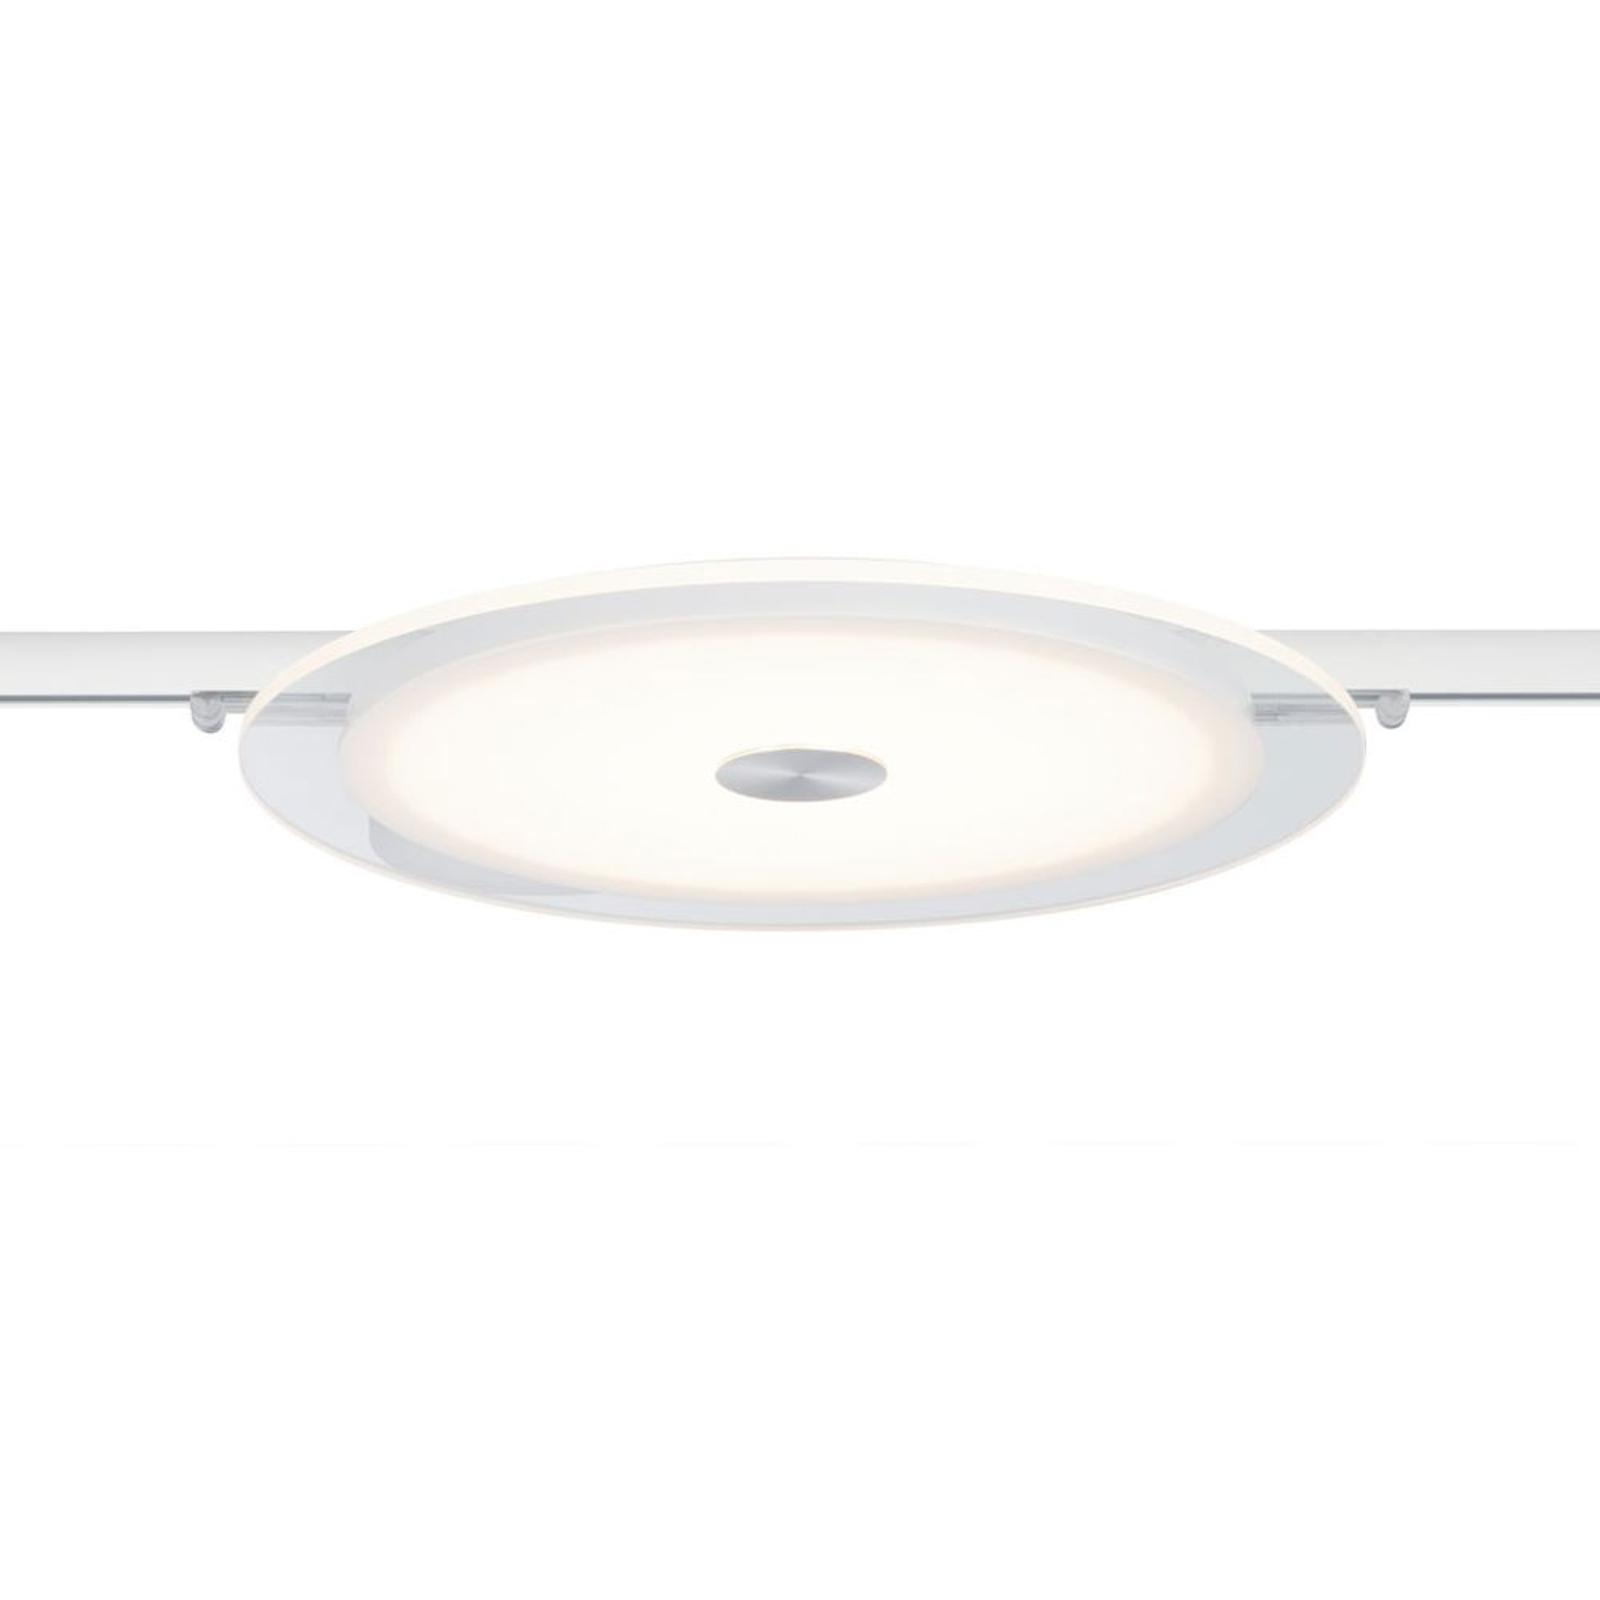 Paulmann NanoRail Luno panneau LED, blanc